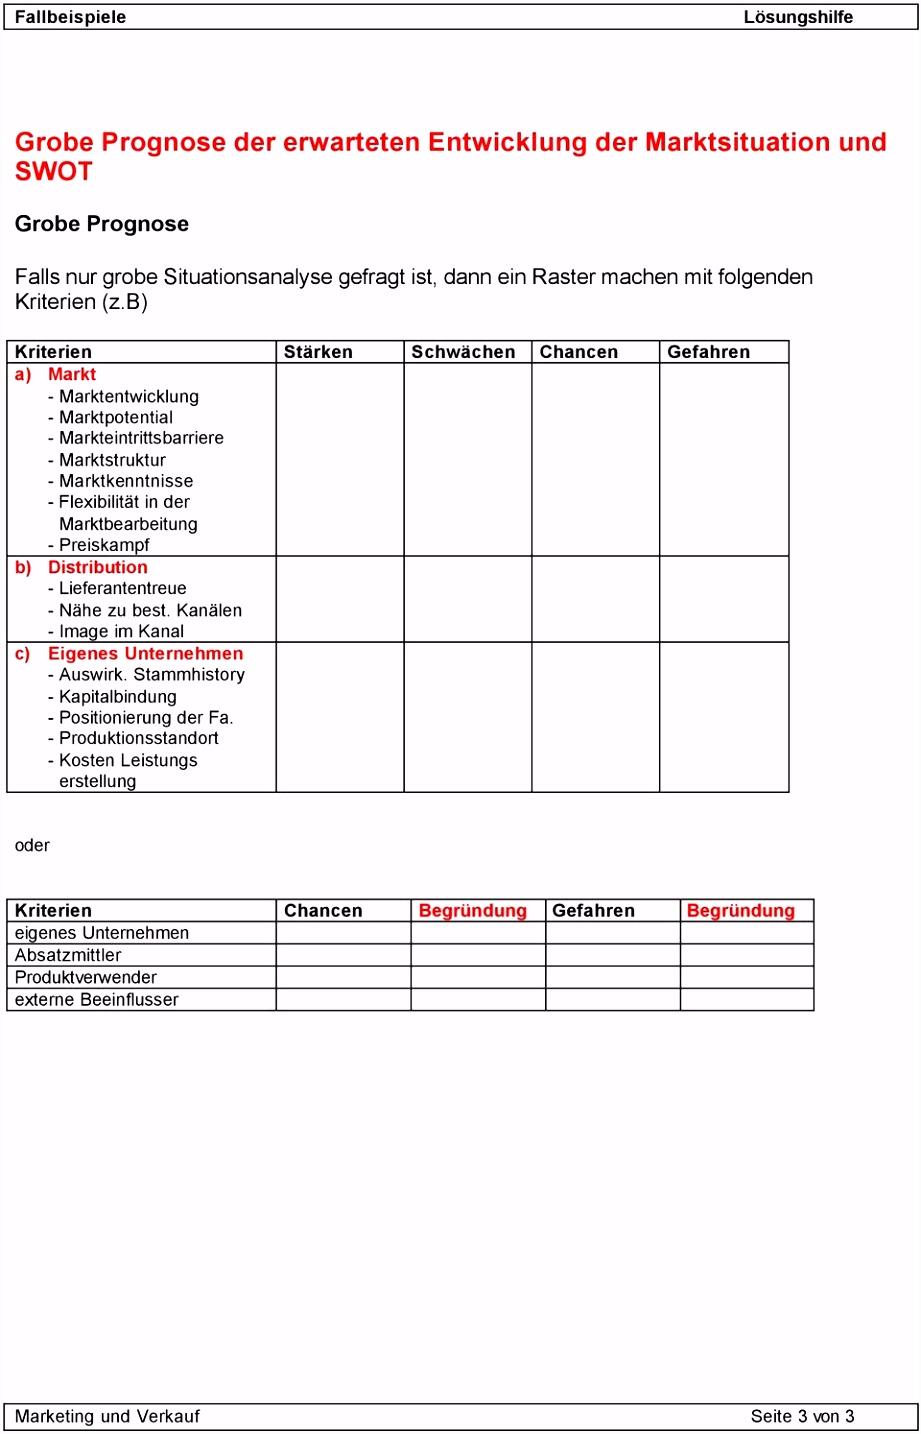 Agenturbriefing Vorlage Lösungshilfe Zu Marketing Fallbeispielen Pdf D1pr28nsp4 C2qv62uulu